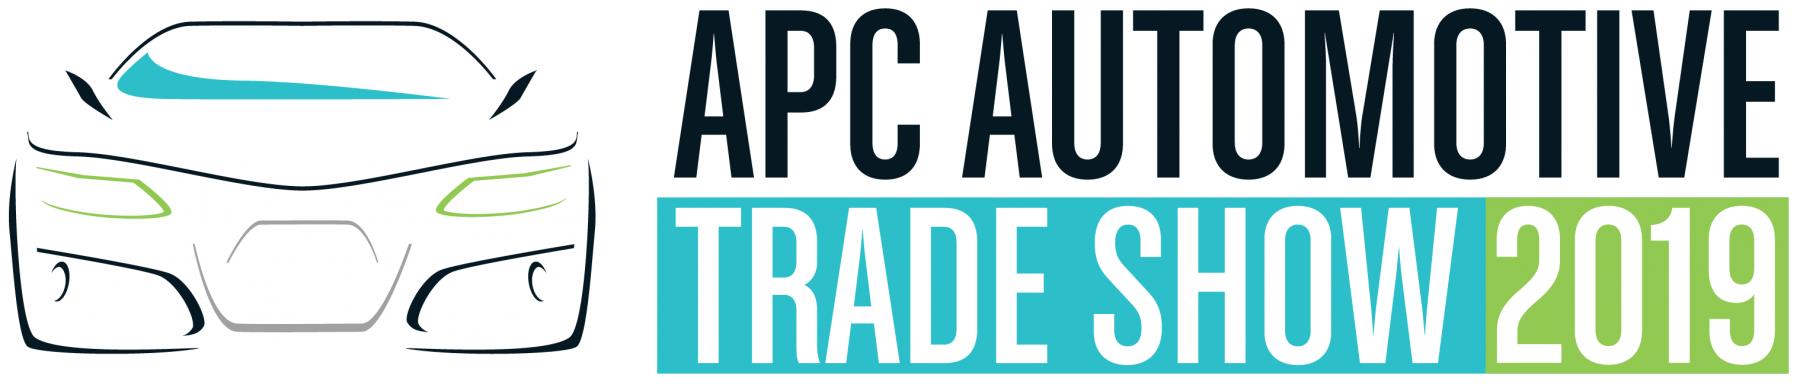 Trade Show logo